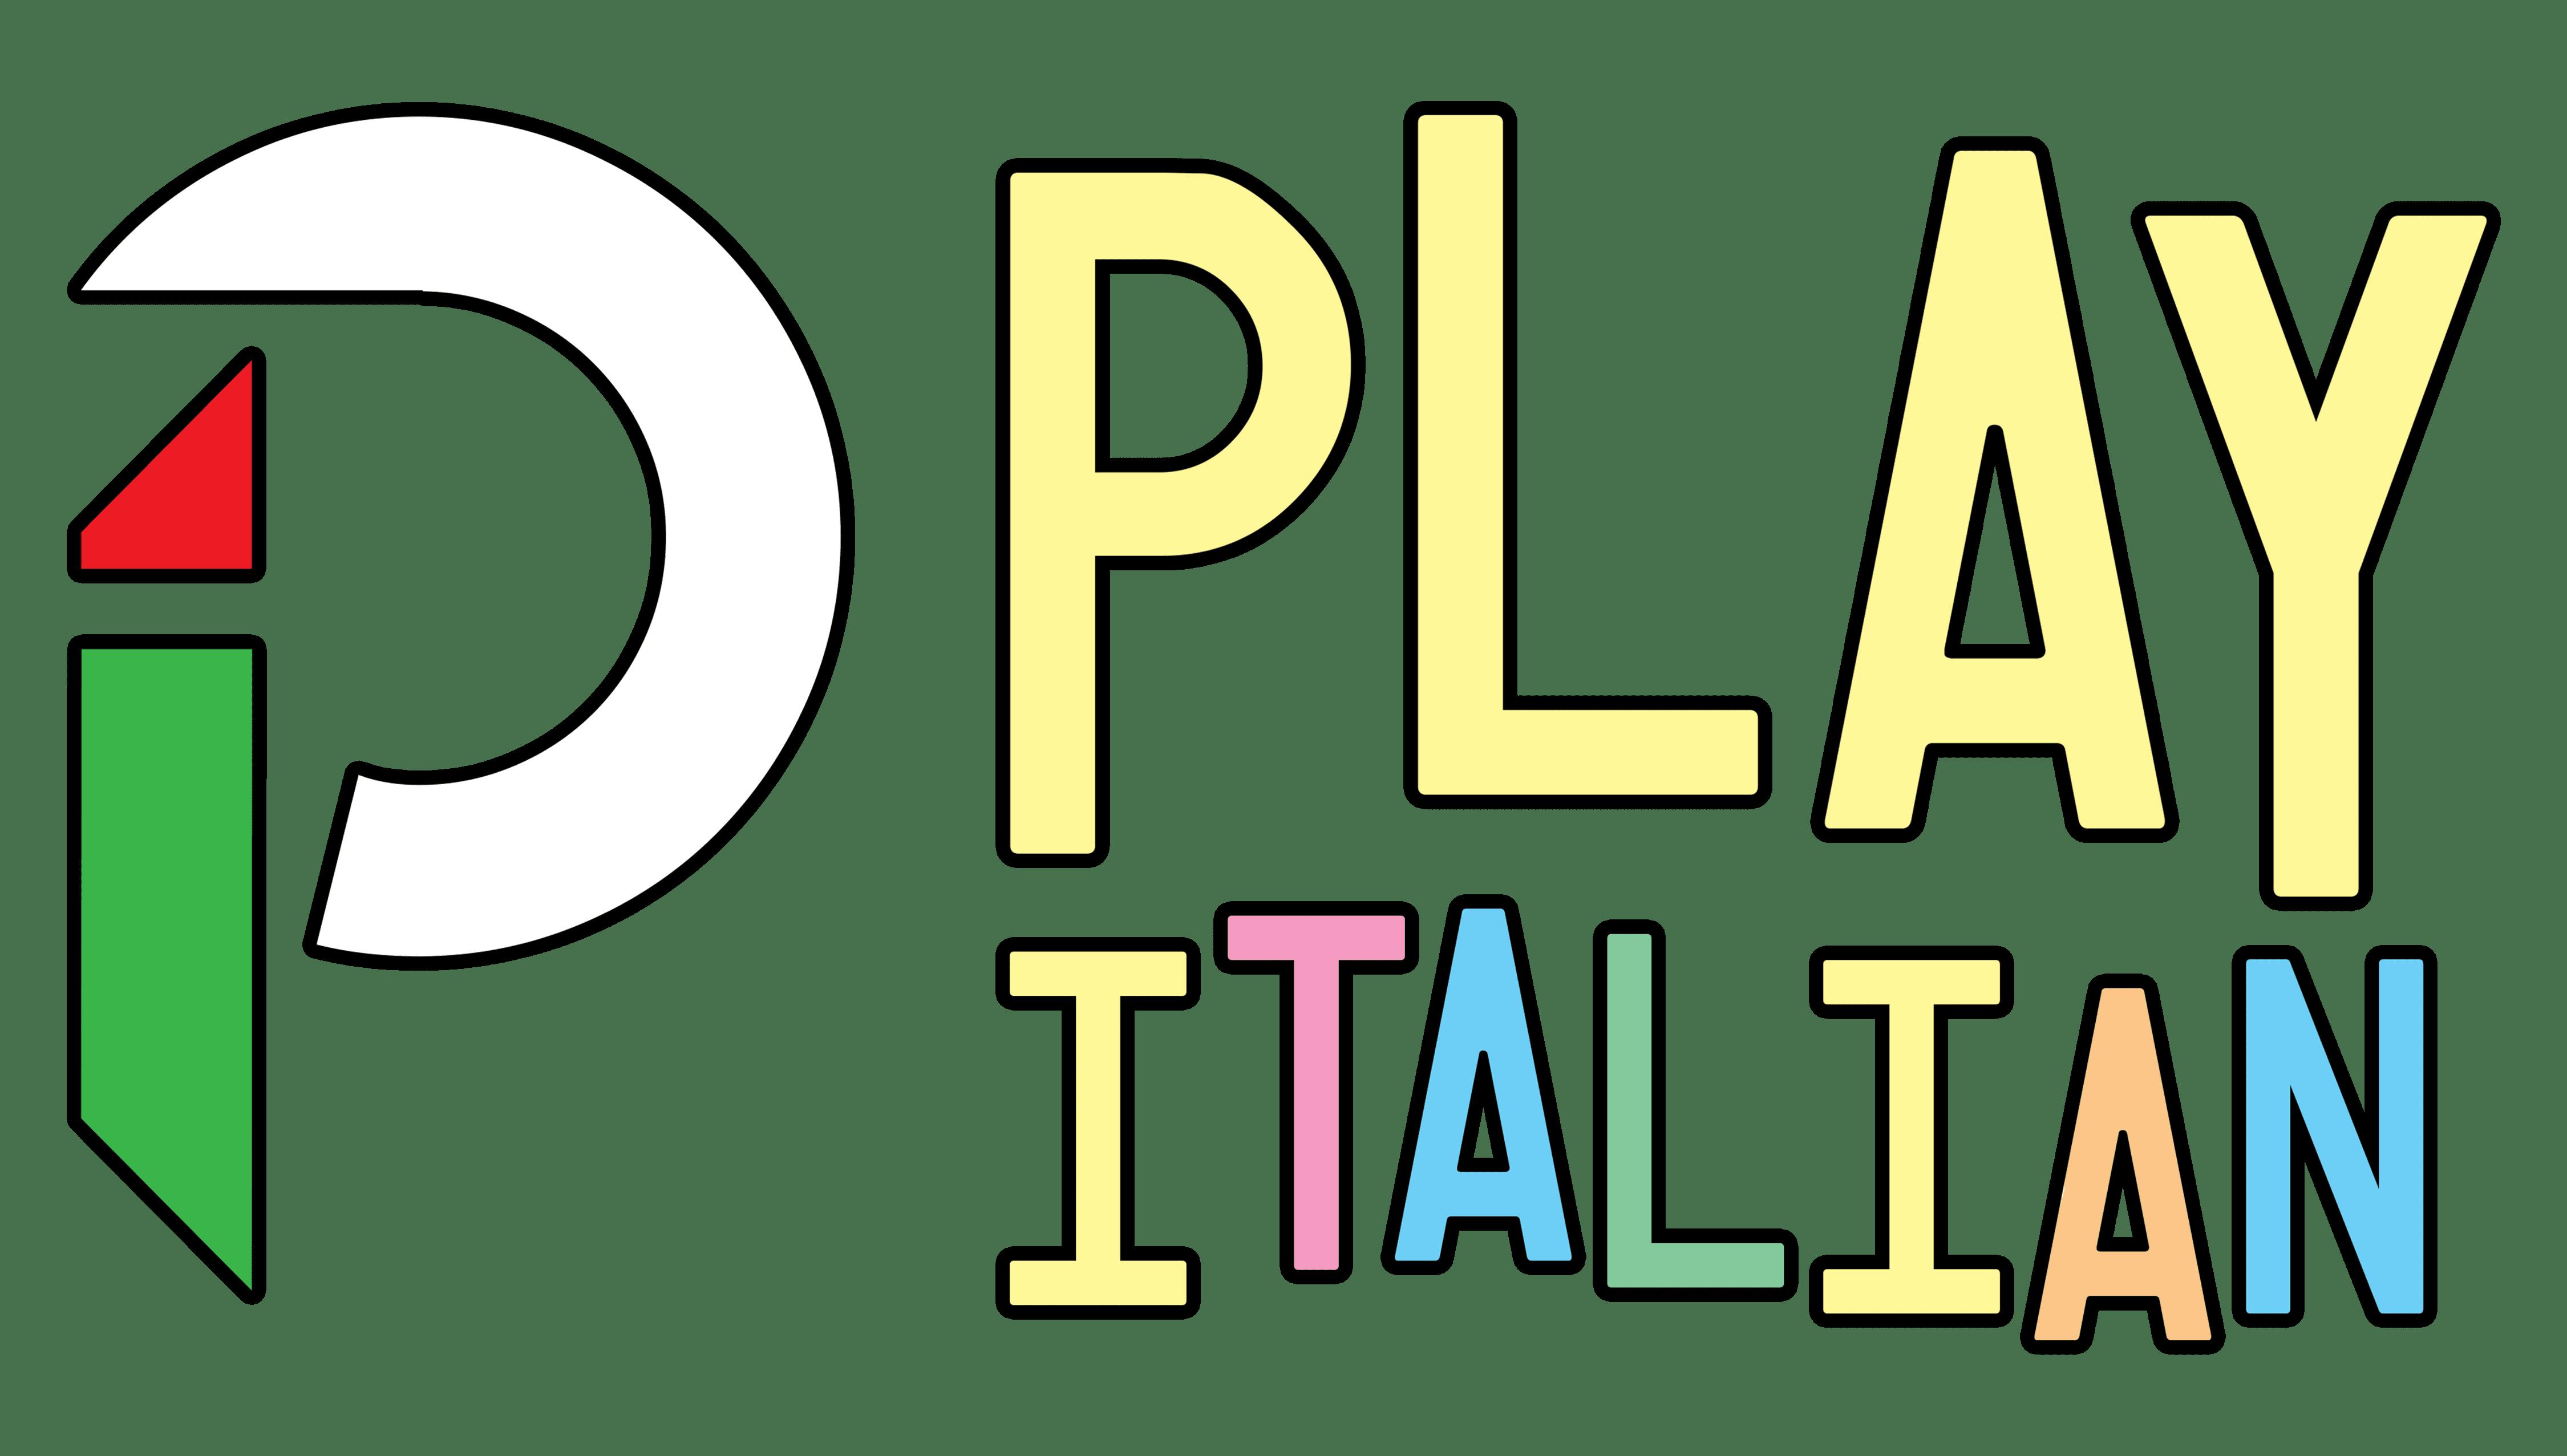 Play Italian Logo